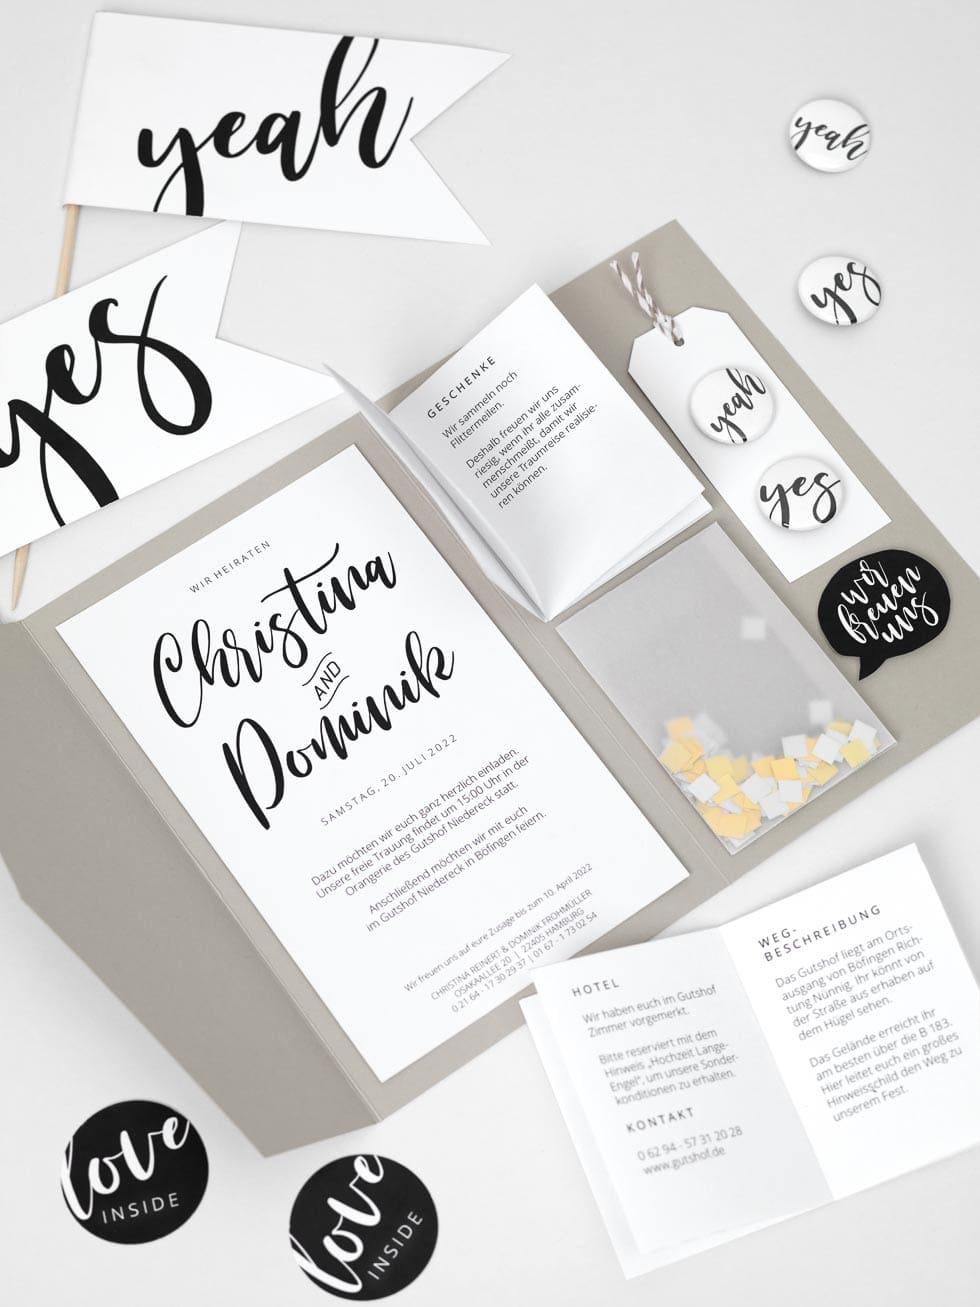 Hochzeitseinladung text die besten mustertexte vorlagen - Hochzeitseinladung text modern ...